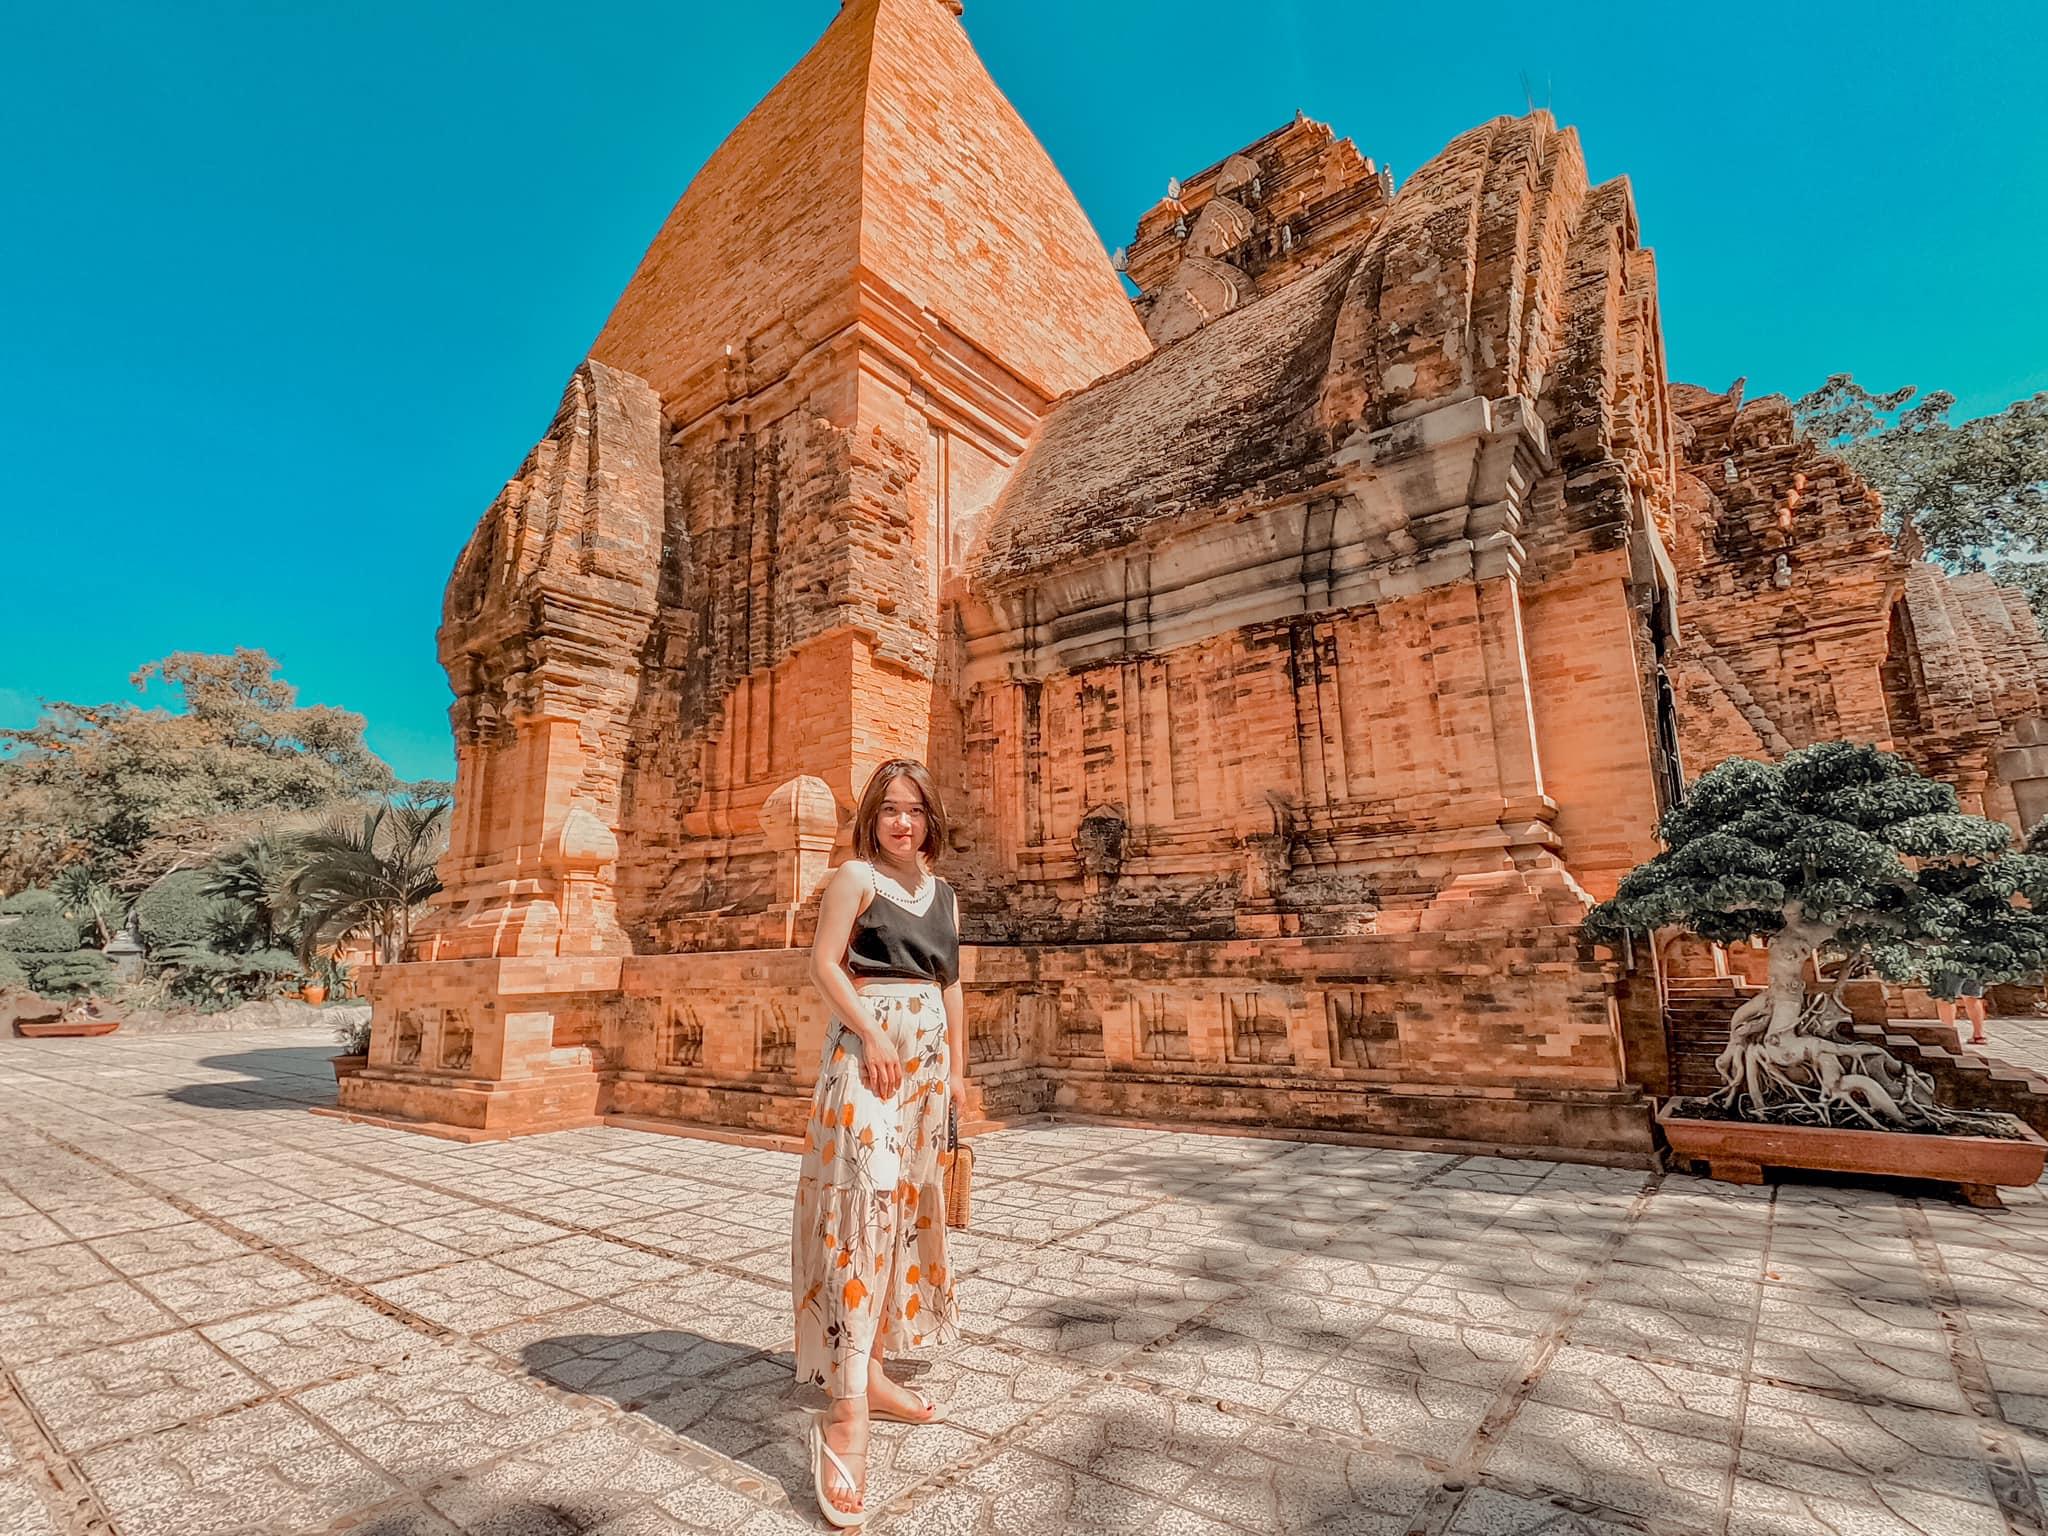 Tour du lịch Nha Trang khởi hành từ Hà Nội: Giảm giá sốc nhiều gói tour trong dịp hè này  - Ảnh 11.